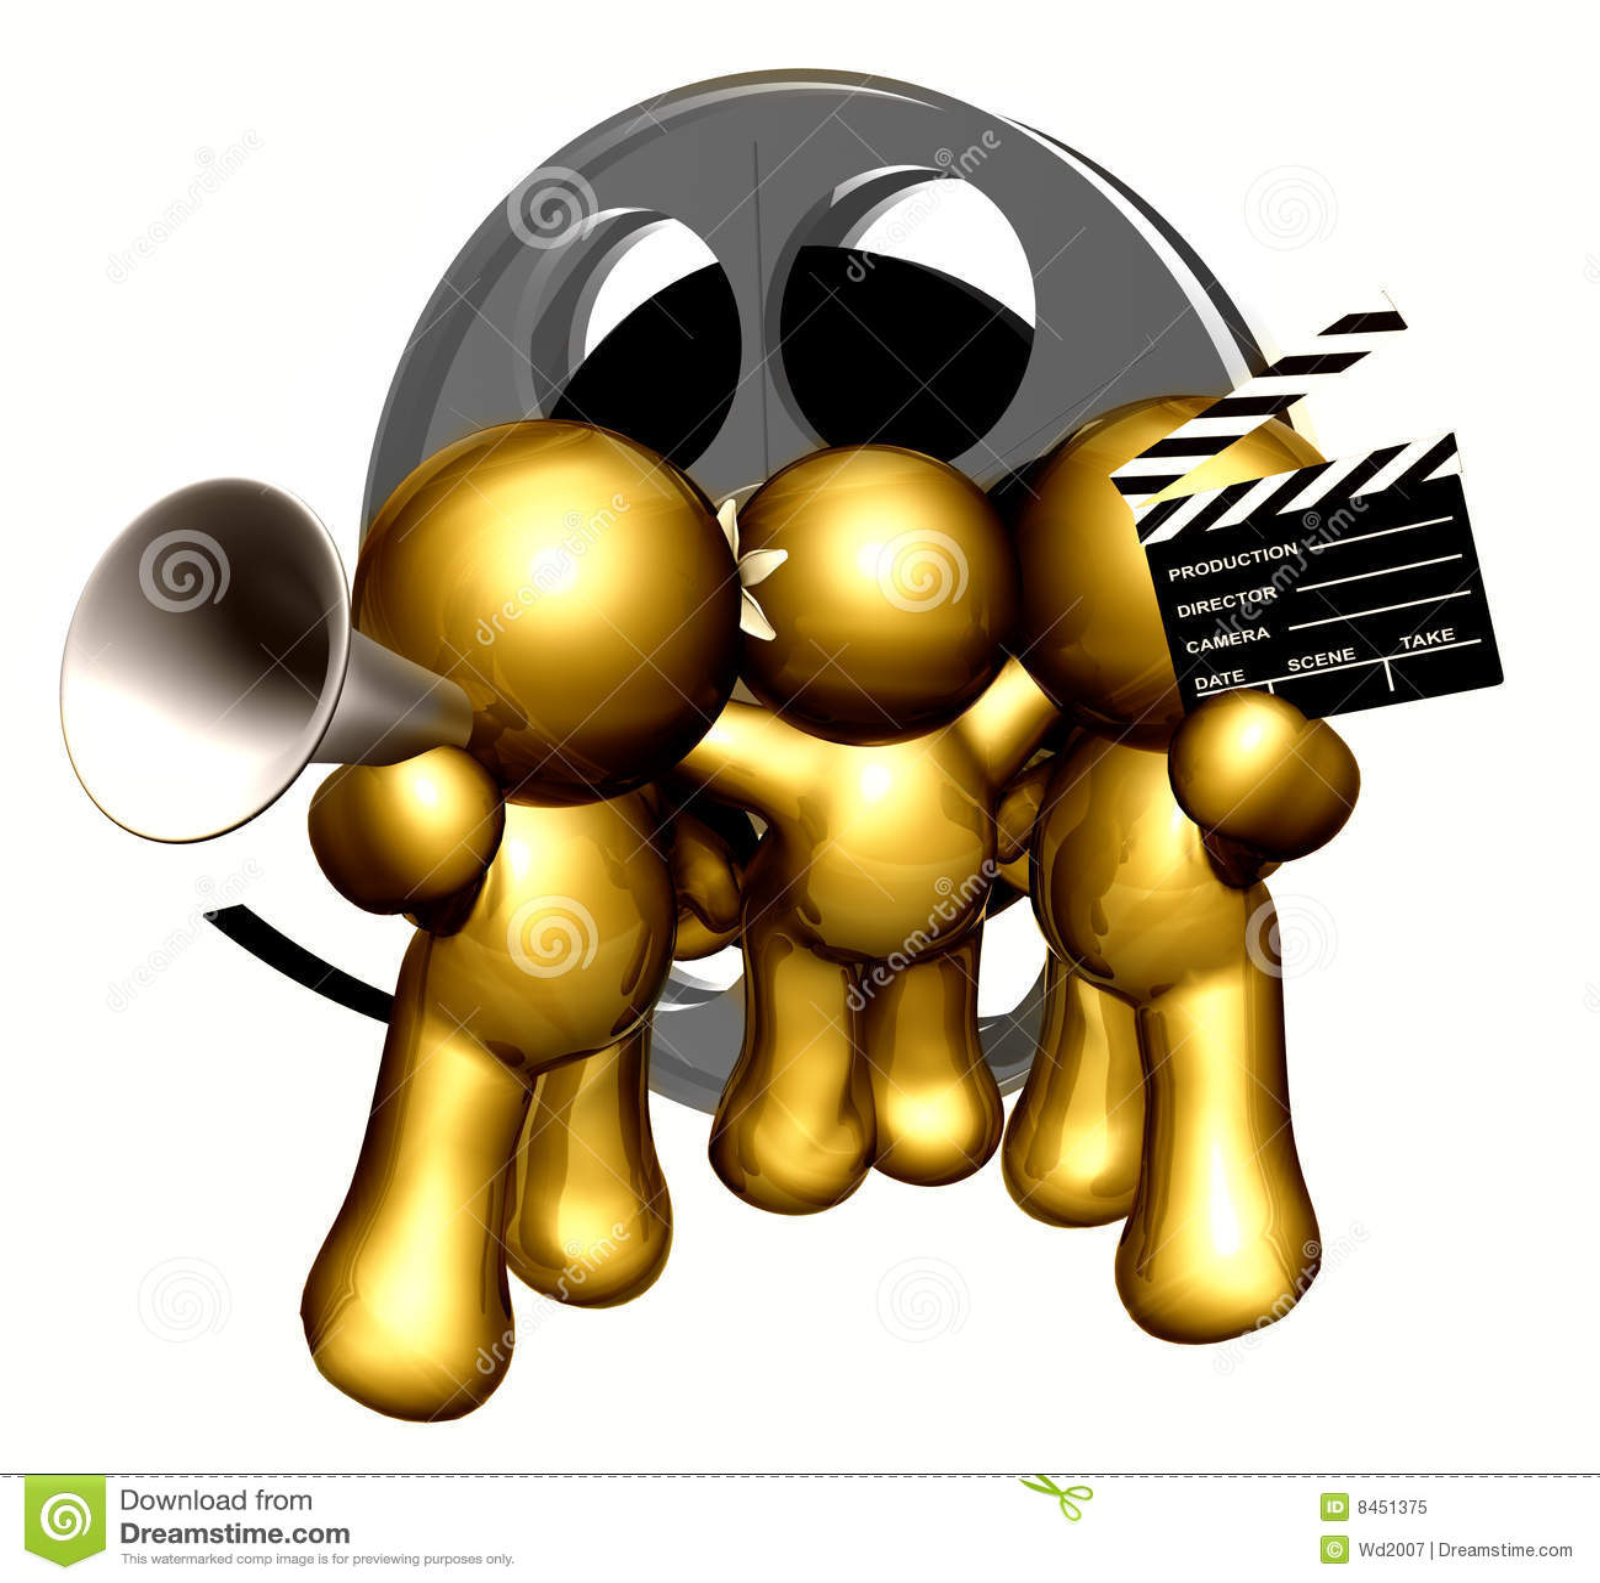 乘员组判断图标电影生产